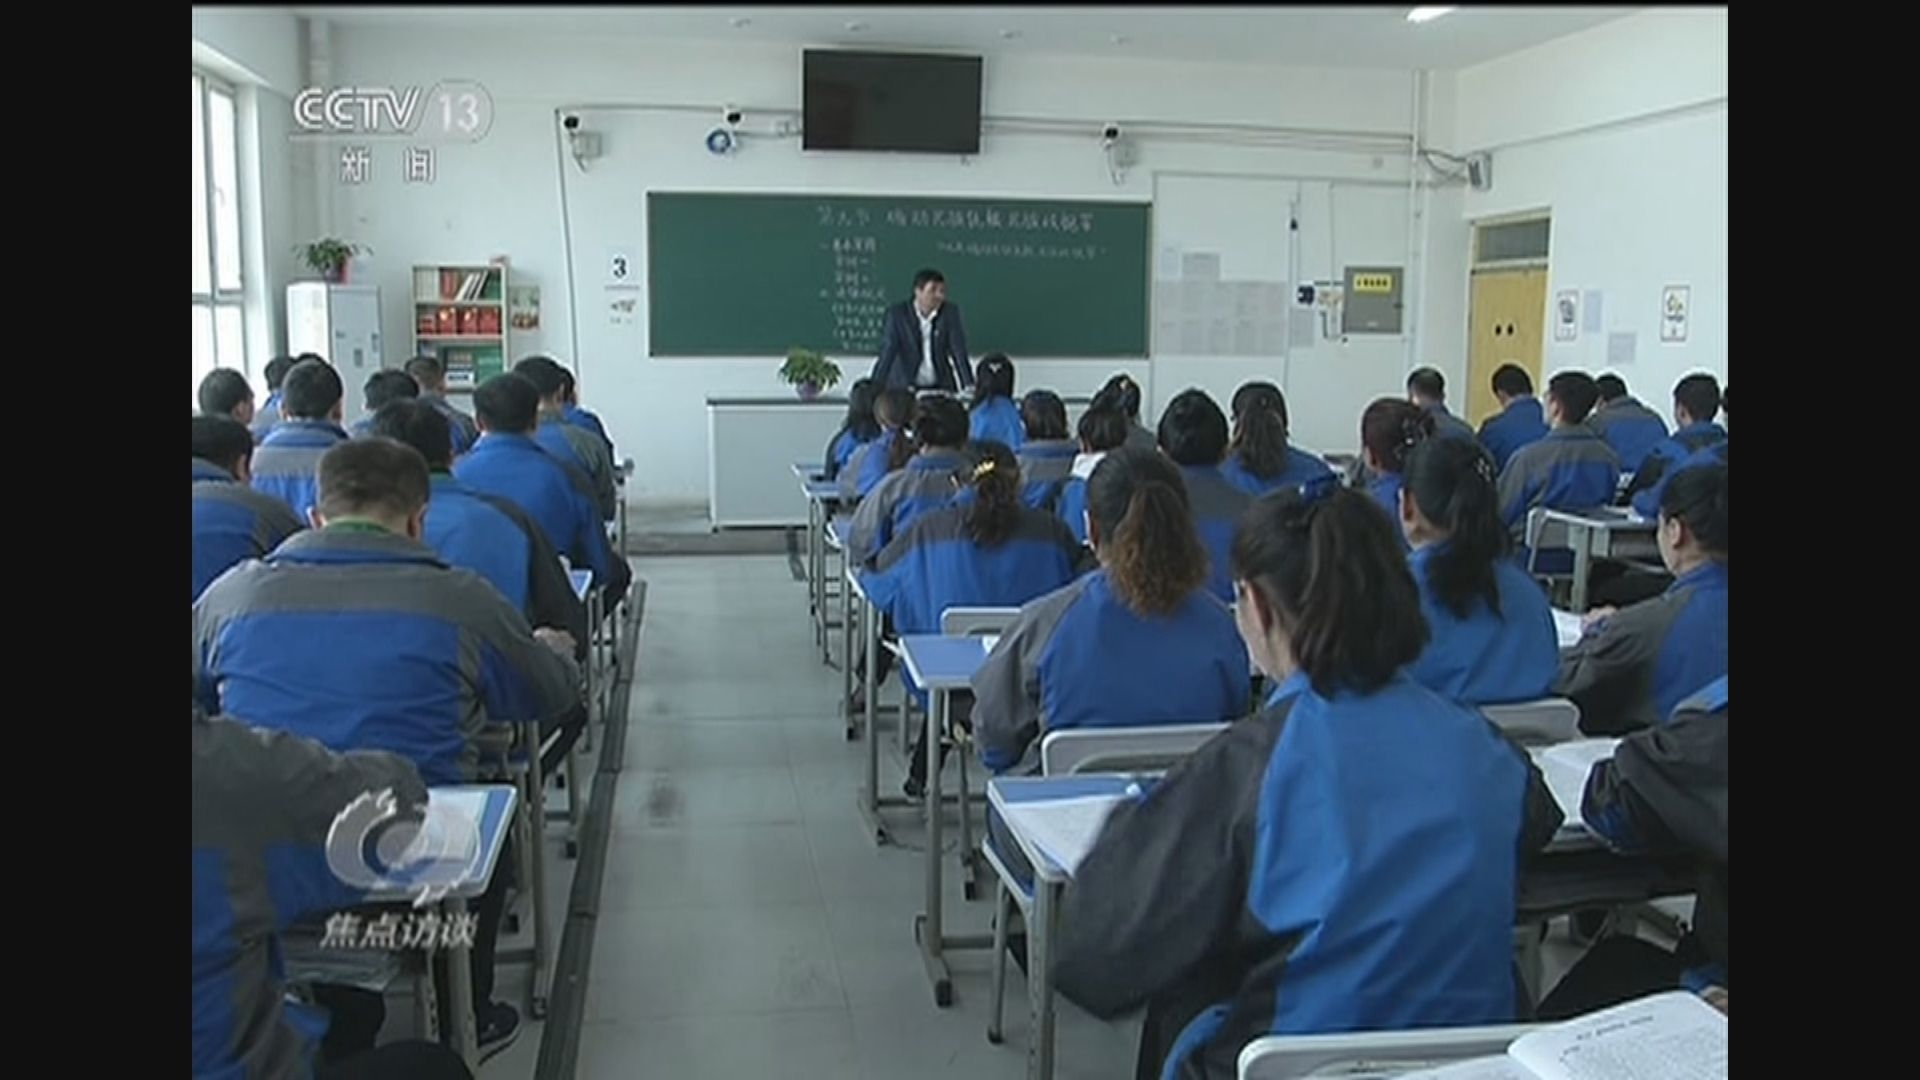 央視播出新疆維吾爾族職業培訓片段